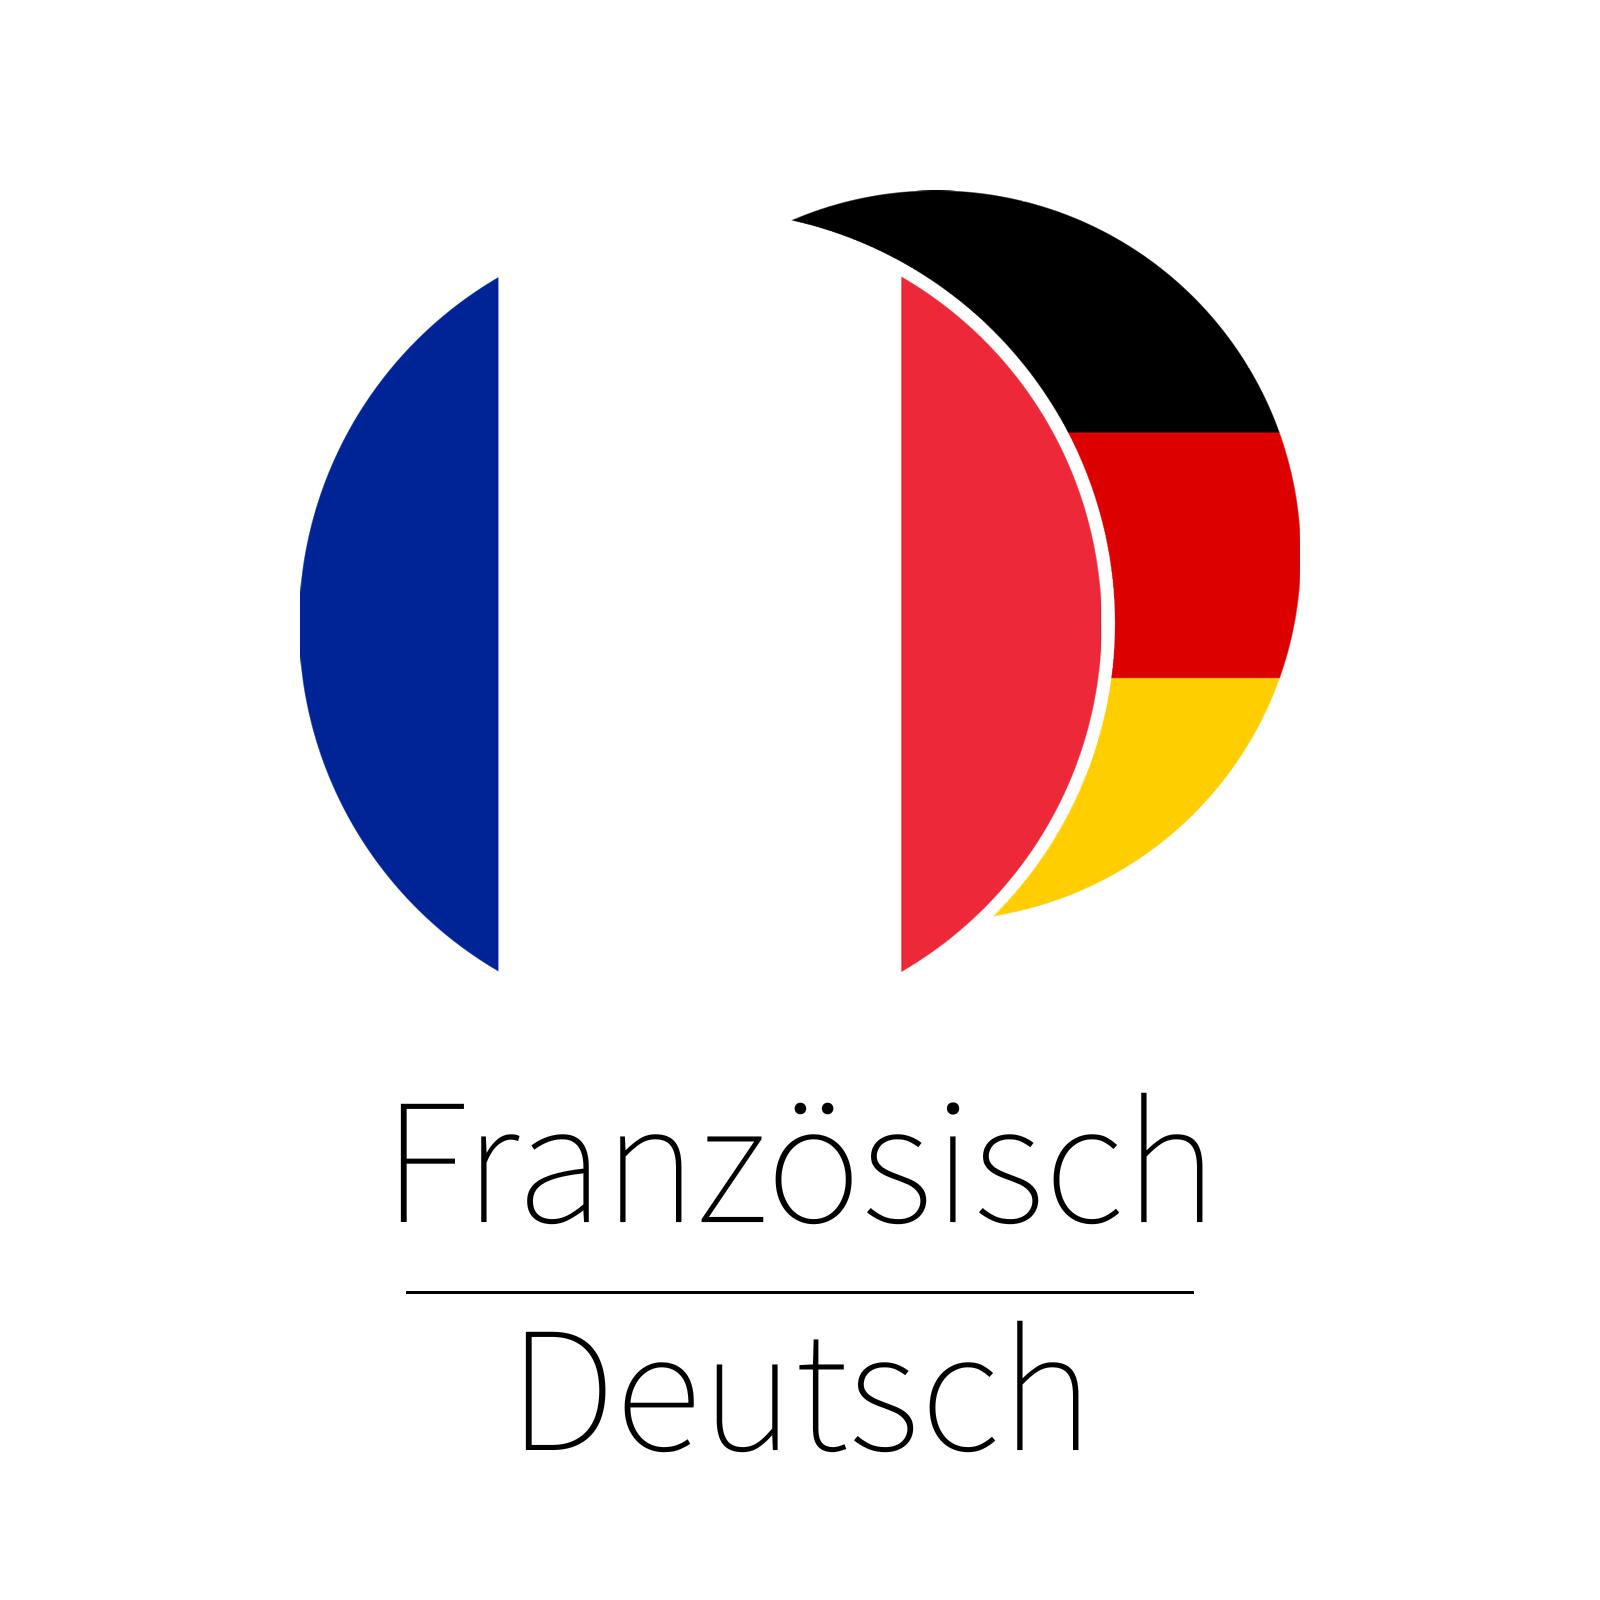 Französisch - Deutsch